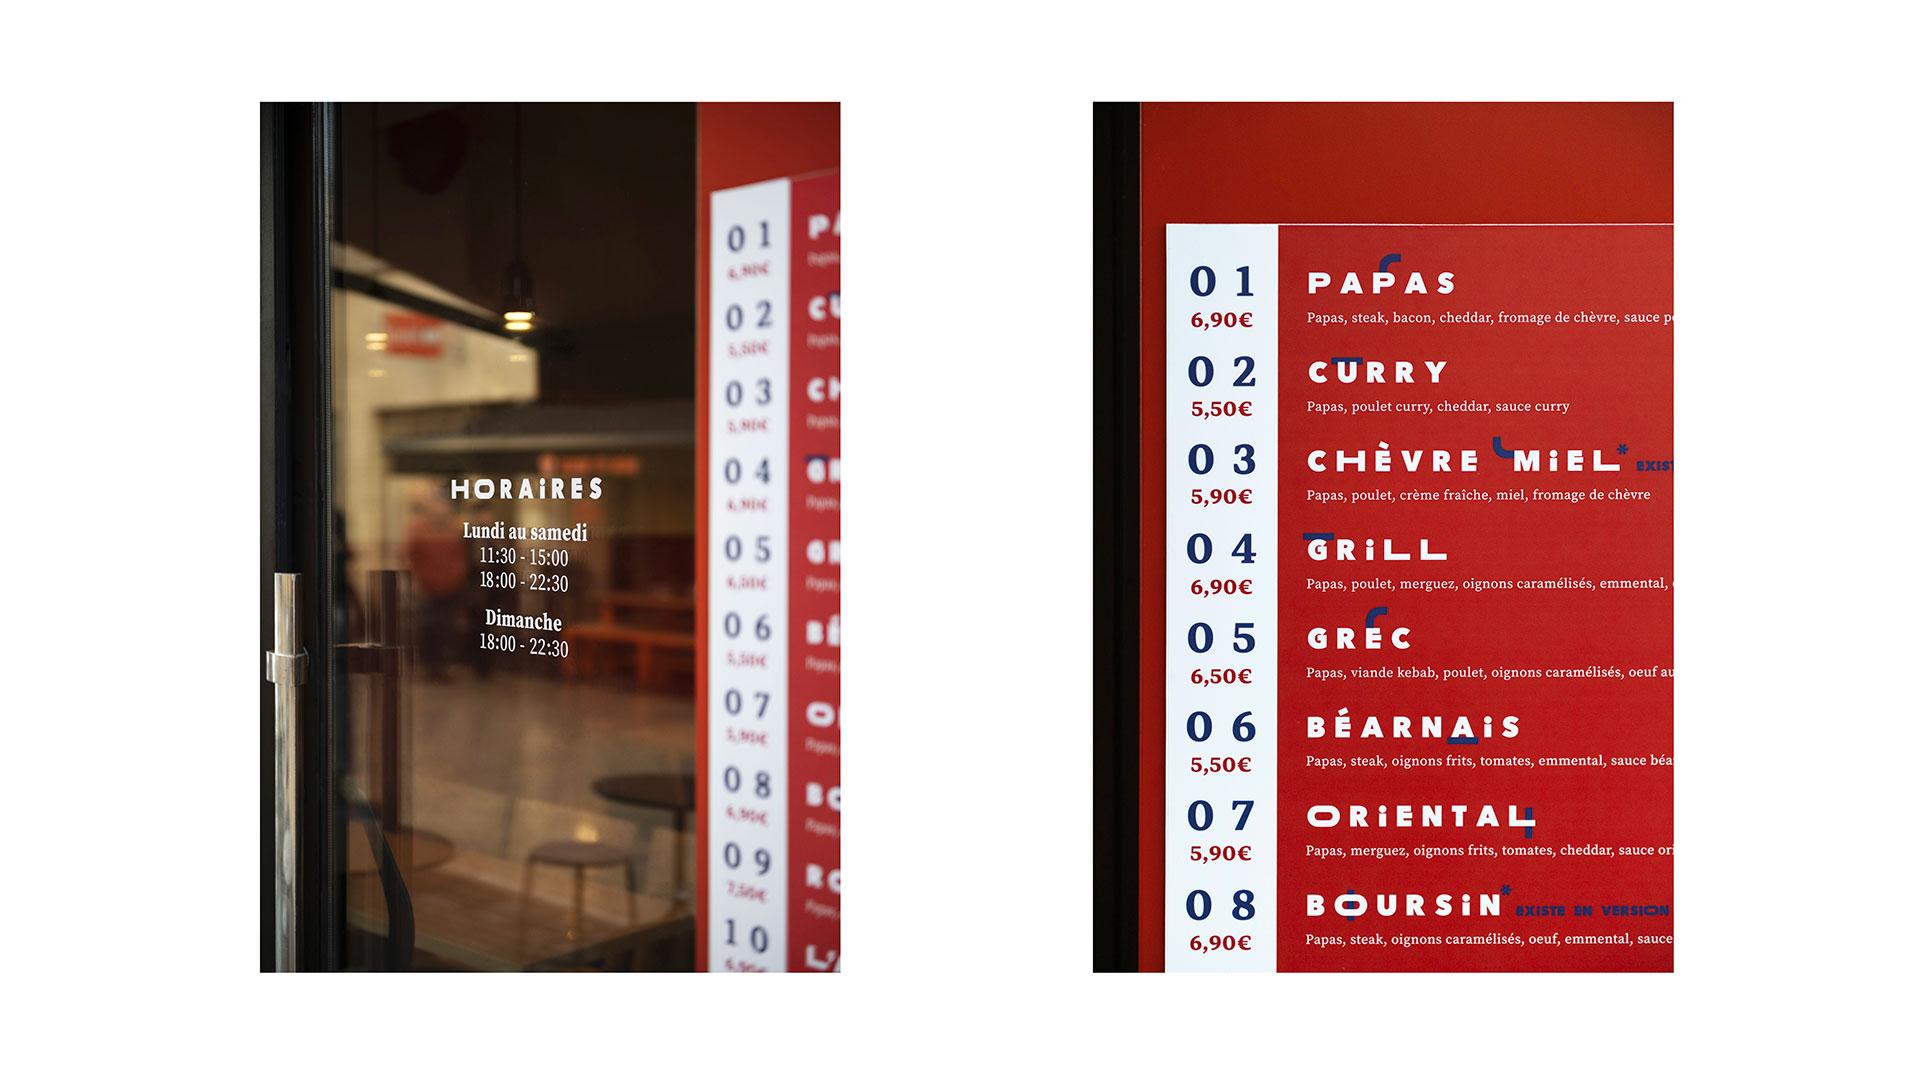 Papas Tacos - restaurant - Bordeaux - identity - exterior menu